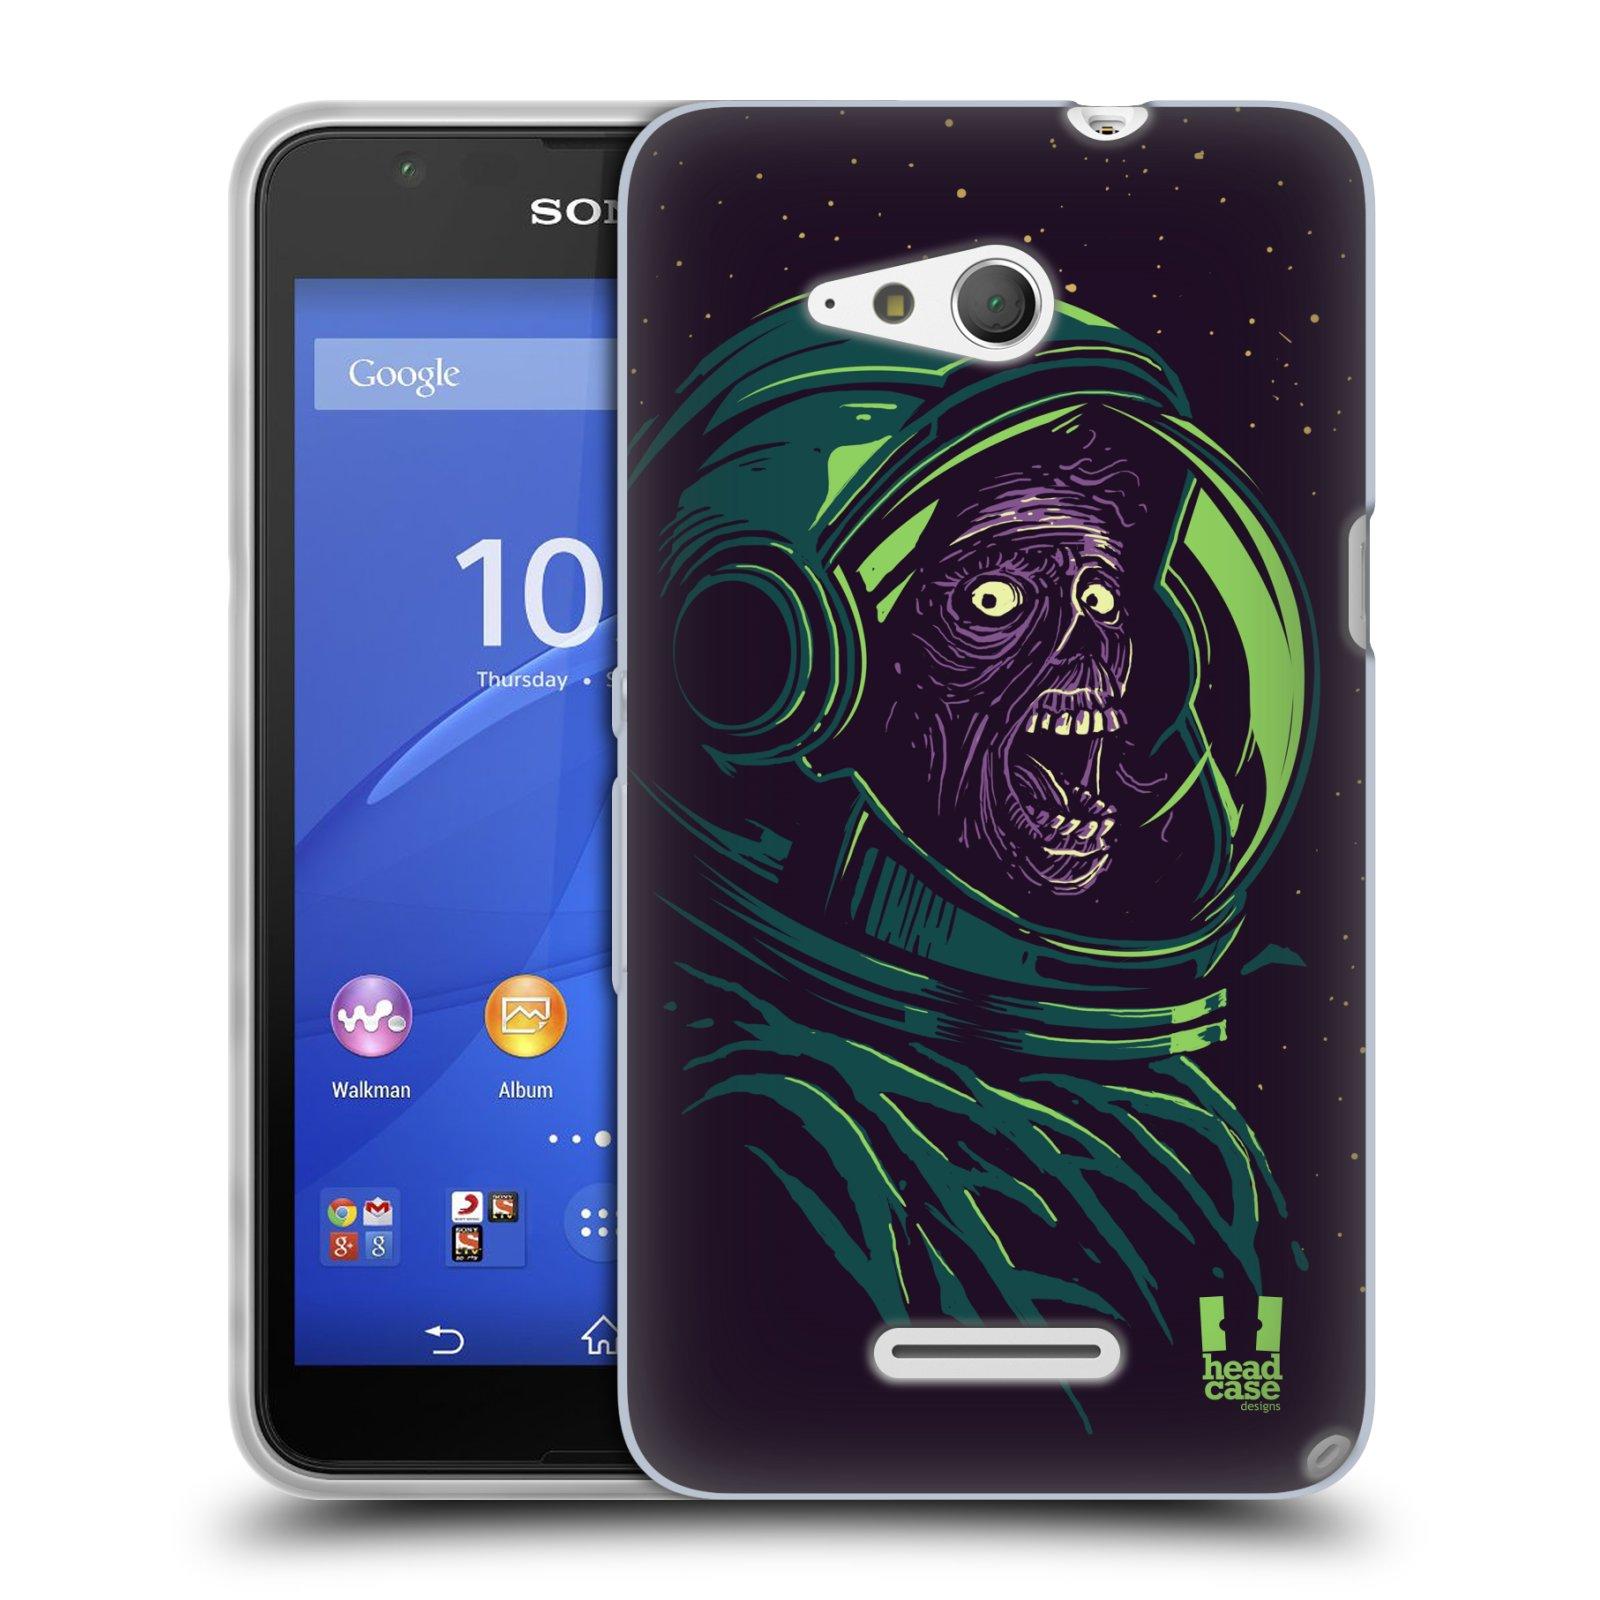 Silikonové pouzdro na mobil Sony Xperia E4g E2003 HEAD CASE ZOMBIE VESMÍR (Silikonový kryt či obal na mobilní telefon Sony Xperia E4g a E4g Dual SIM)